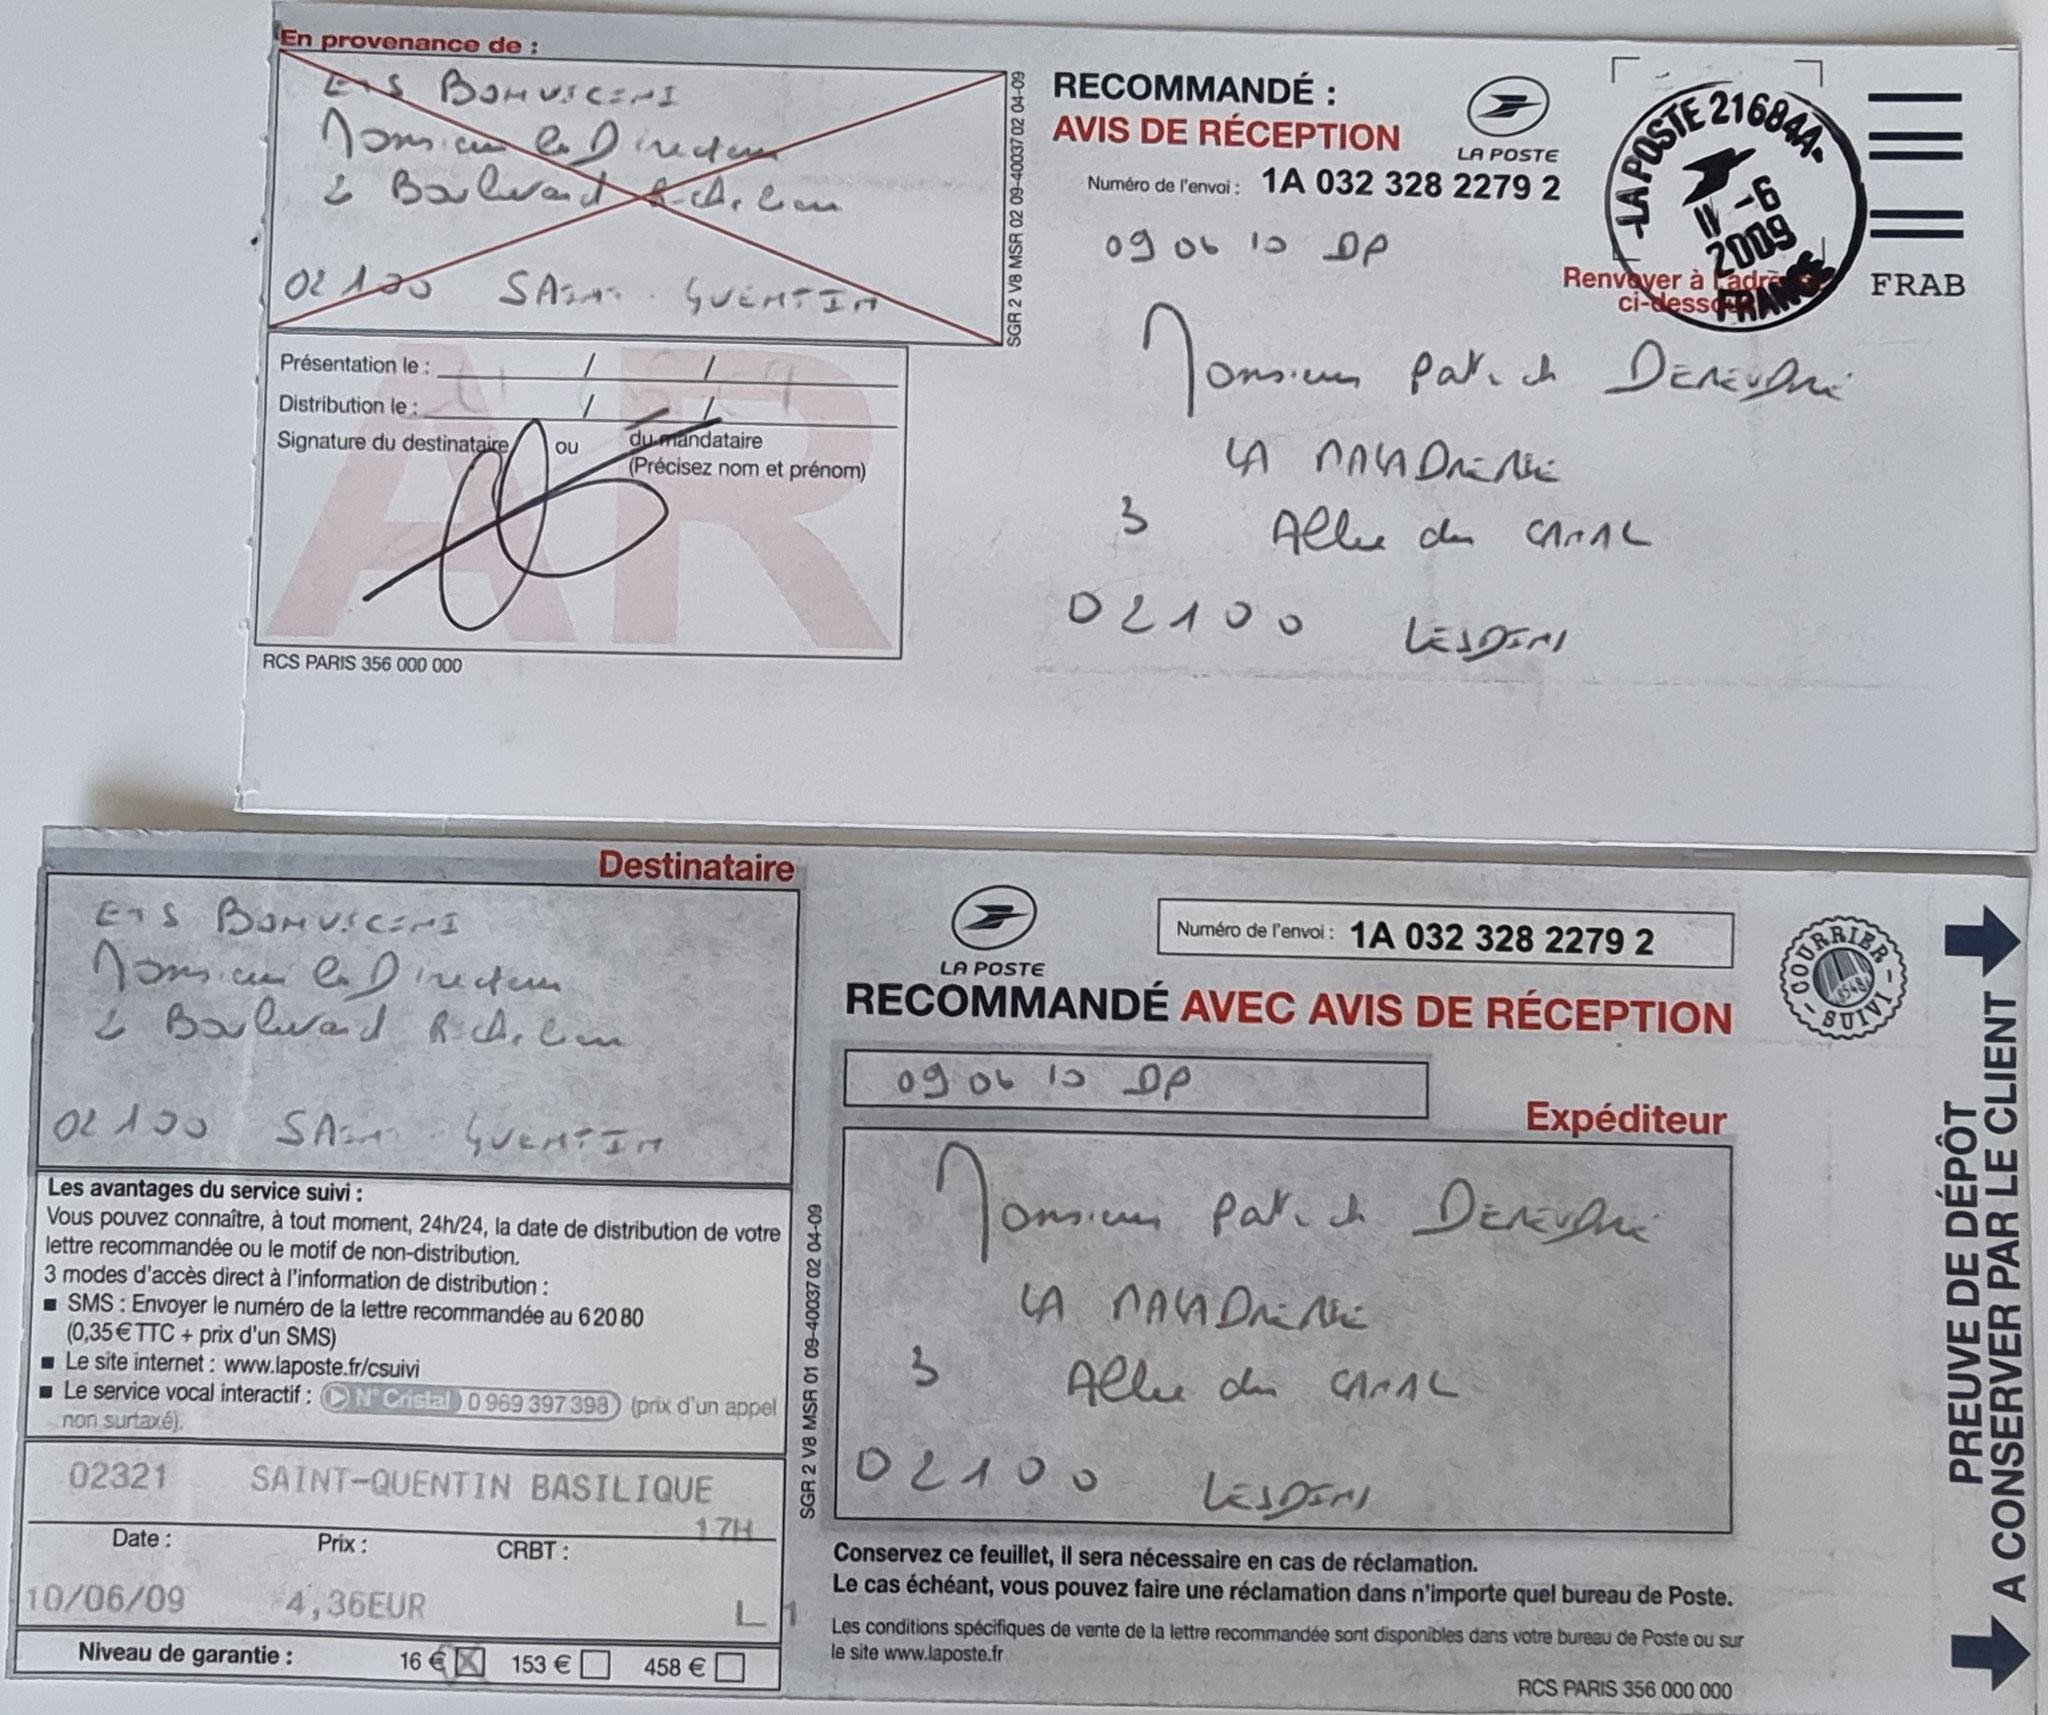 Le 10 Juin 2009 j'adresse une LRAR à Monsieur BONVICINI  suite à son intervention pour réparer une fuite de GAZ (Installation Alain ALLIOT)  INACCEPTABLE  BORDERLINE   EXPERTISES JUDICIAIRES ENTRE COPAINS www.jenesuispasunchien.fr www.jesuispatrick.fr